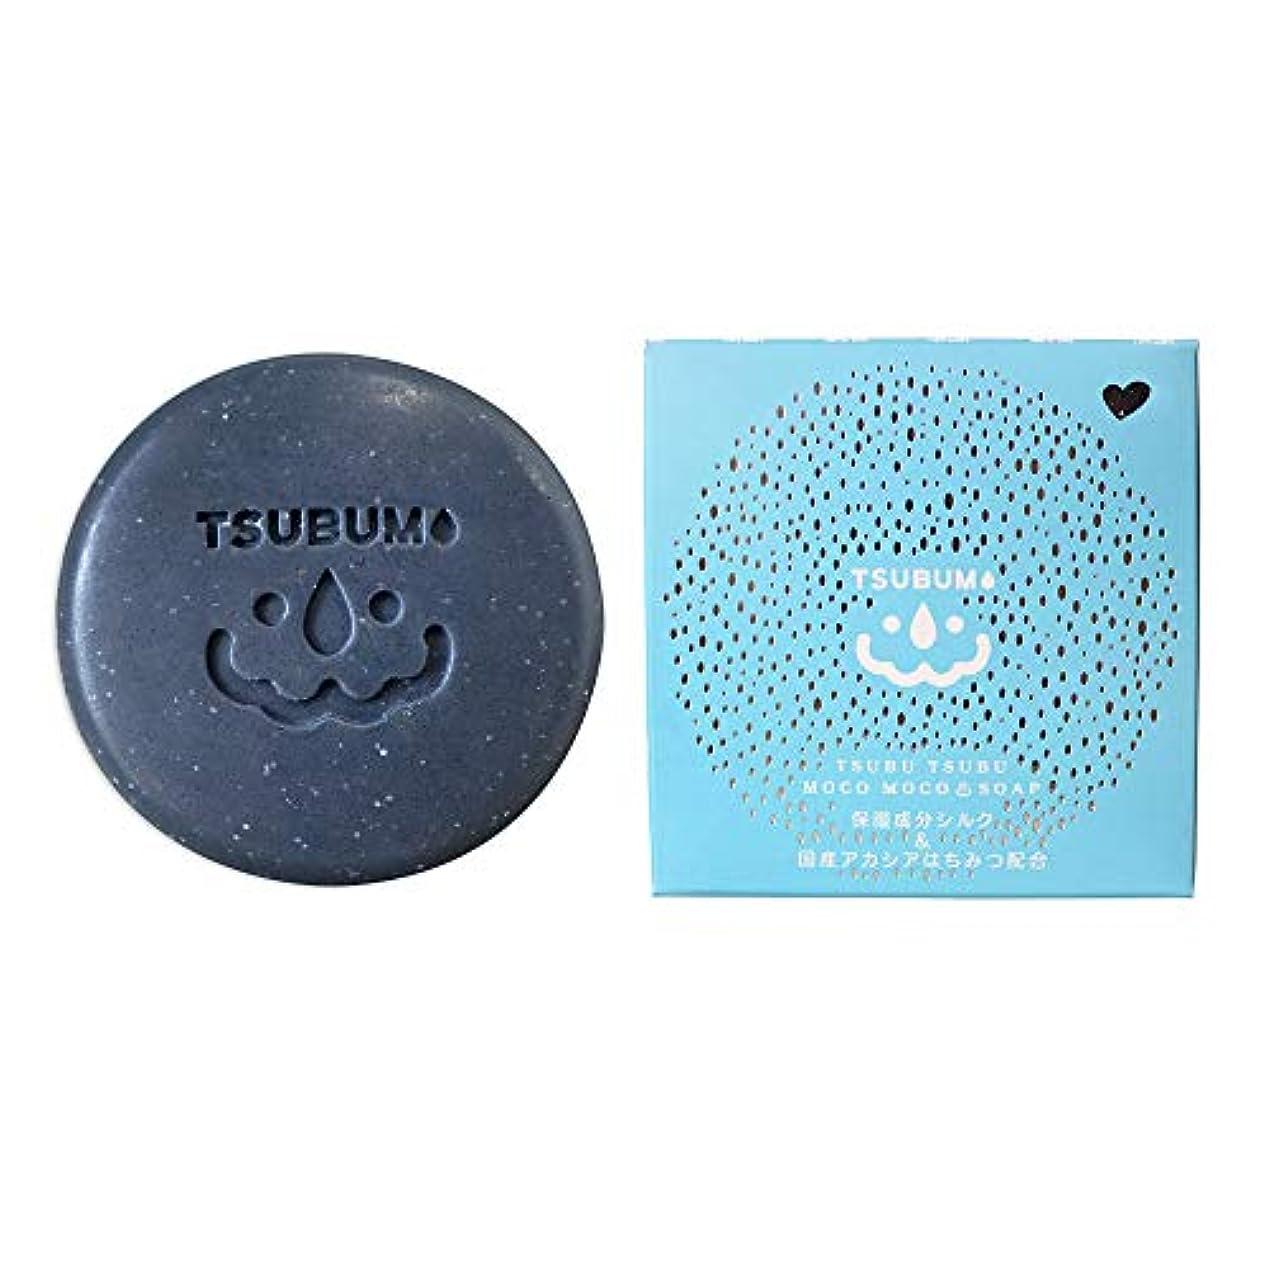 お肉分数反応する【TSUBUMO(ツブモ)】天然植物由来 プレミアムミネラルソープ 固形 フェイス&ボディ用 90g×1個|アルガンオイル 馬油 ガスール 着色料不使用 低刺激 敏感肌|日本製|ファミリー向け